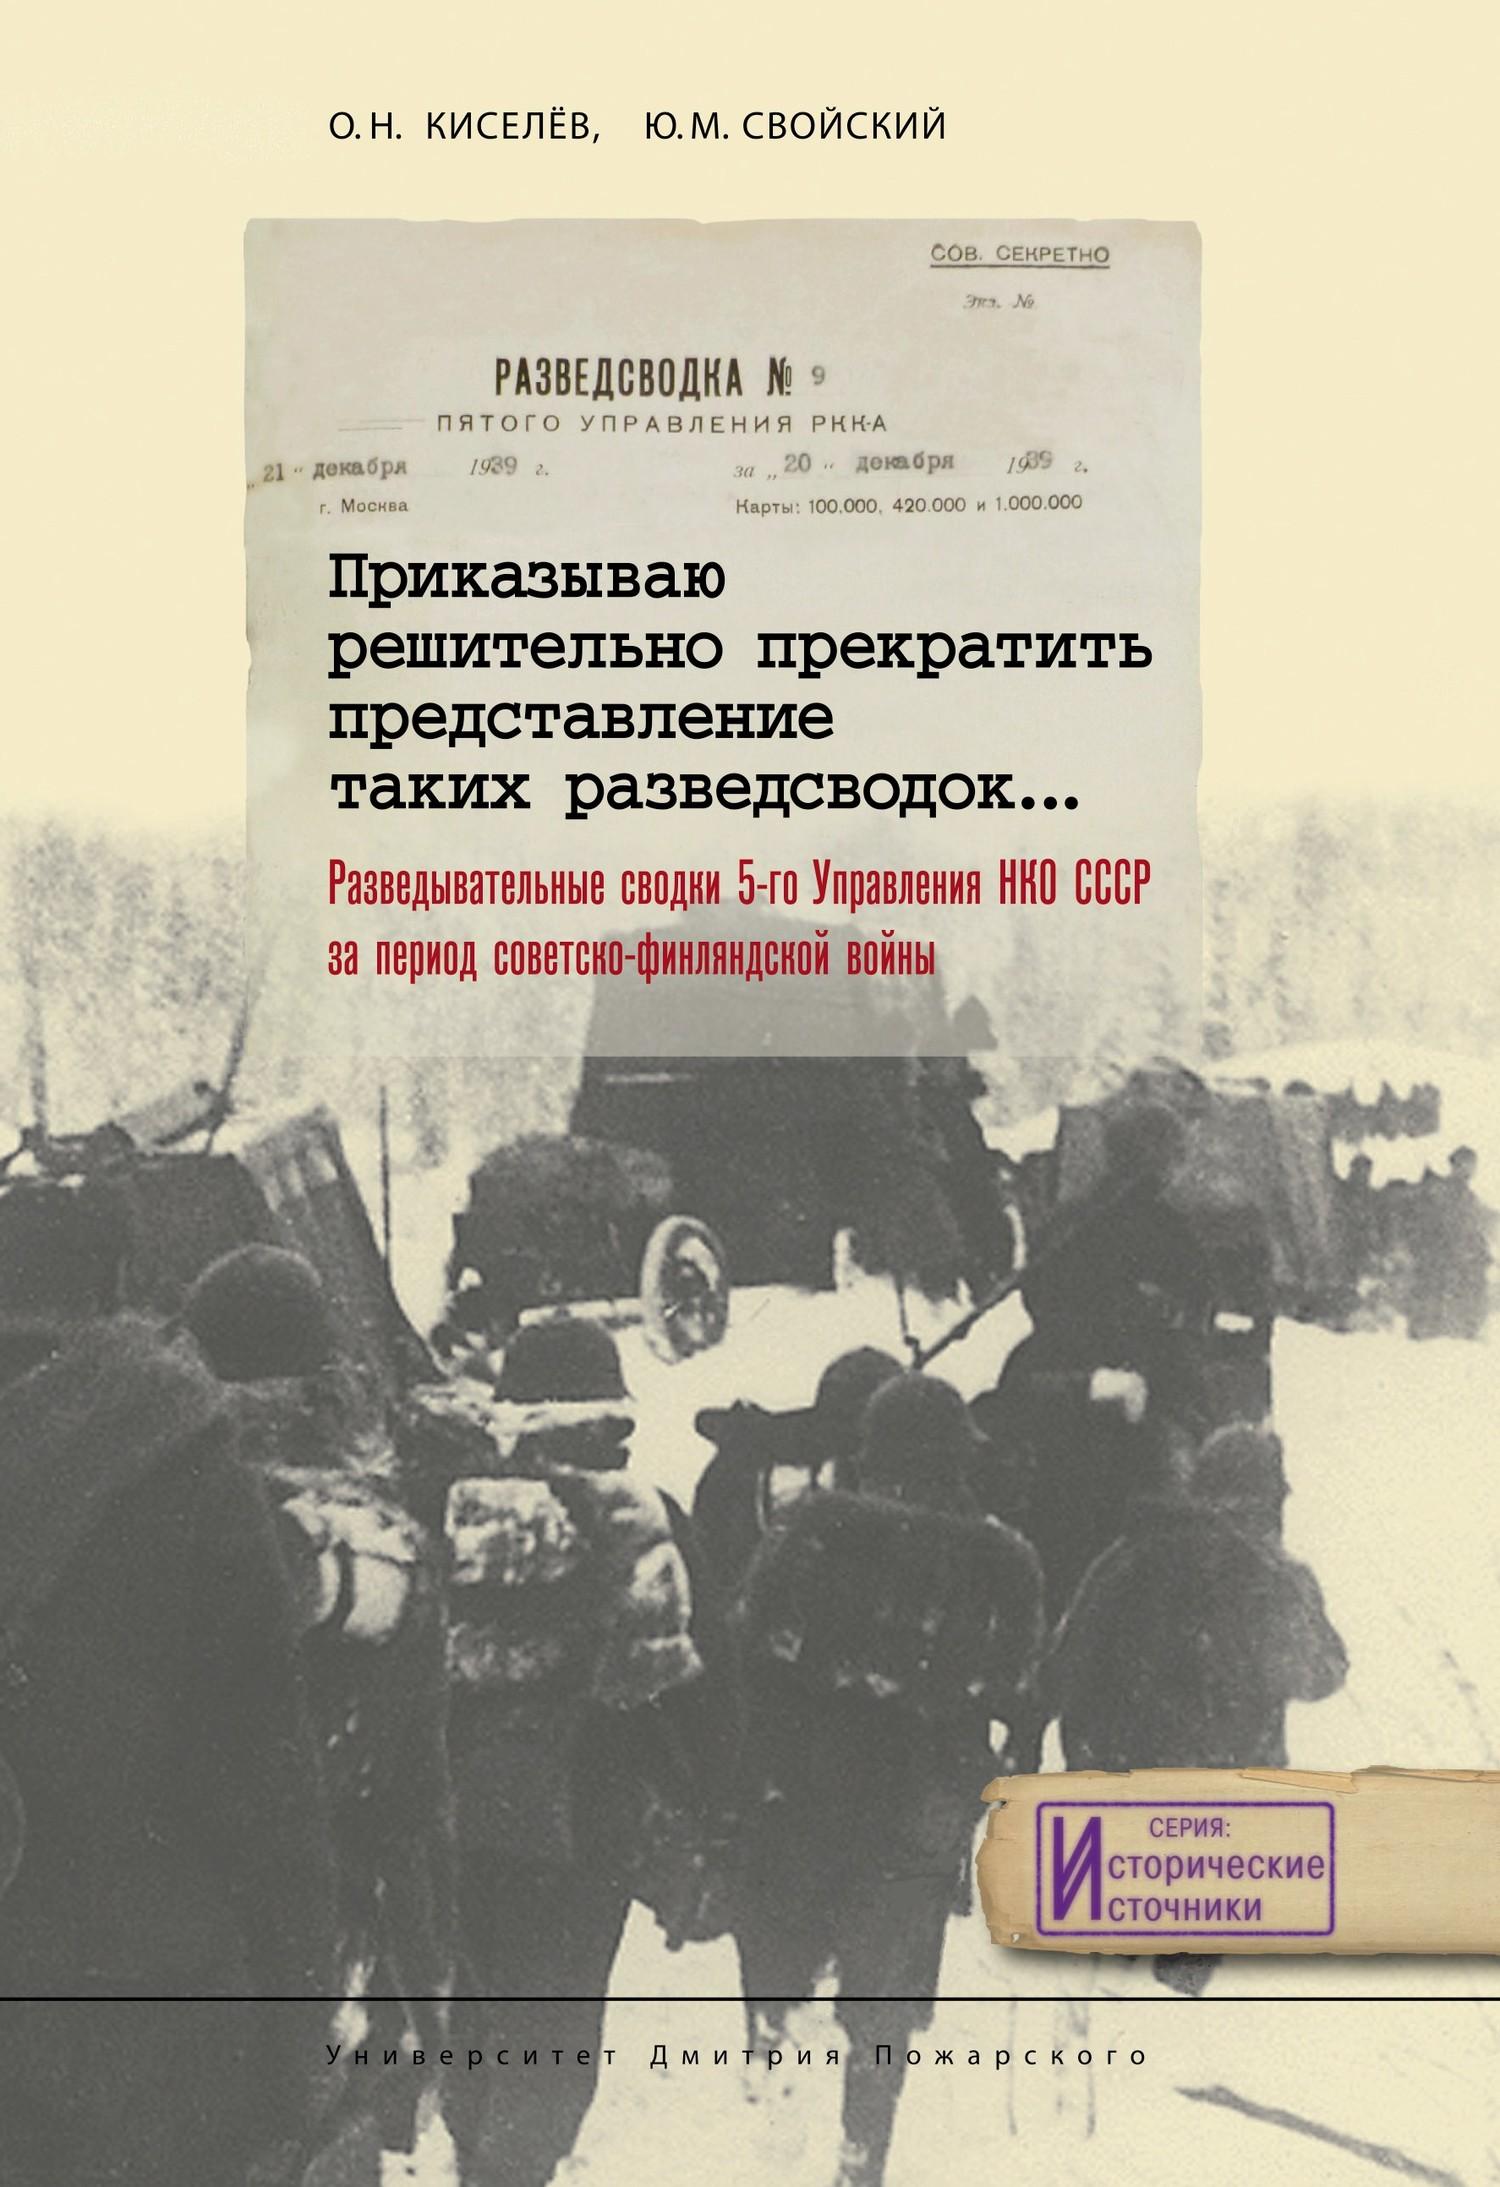 Приказываю решительно прекратить представление таких разведсводок… Разведывательные сводки 5-го Управления НКО СССР за период советско-финляндской войны